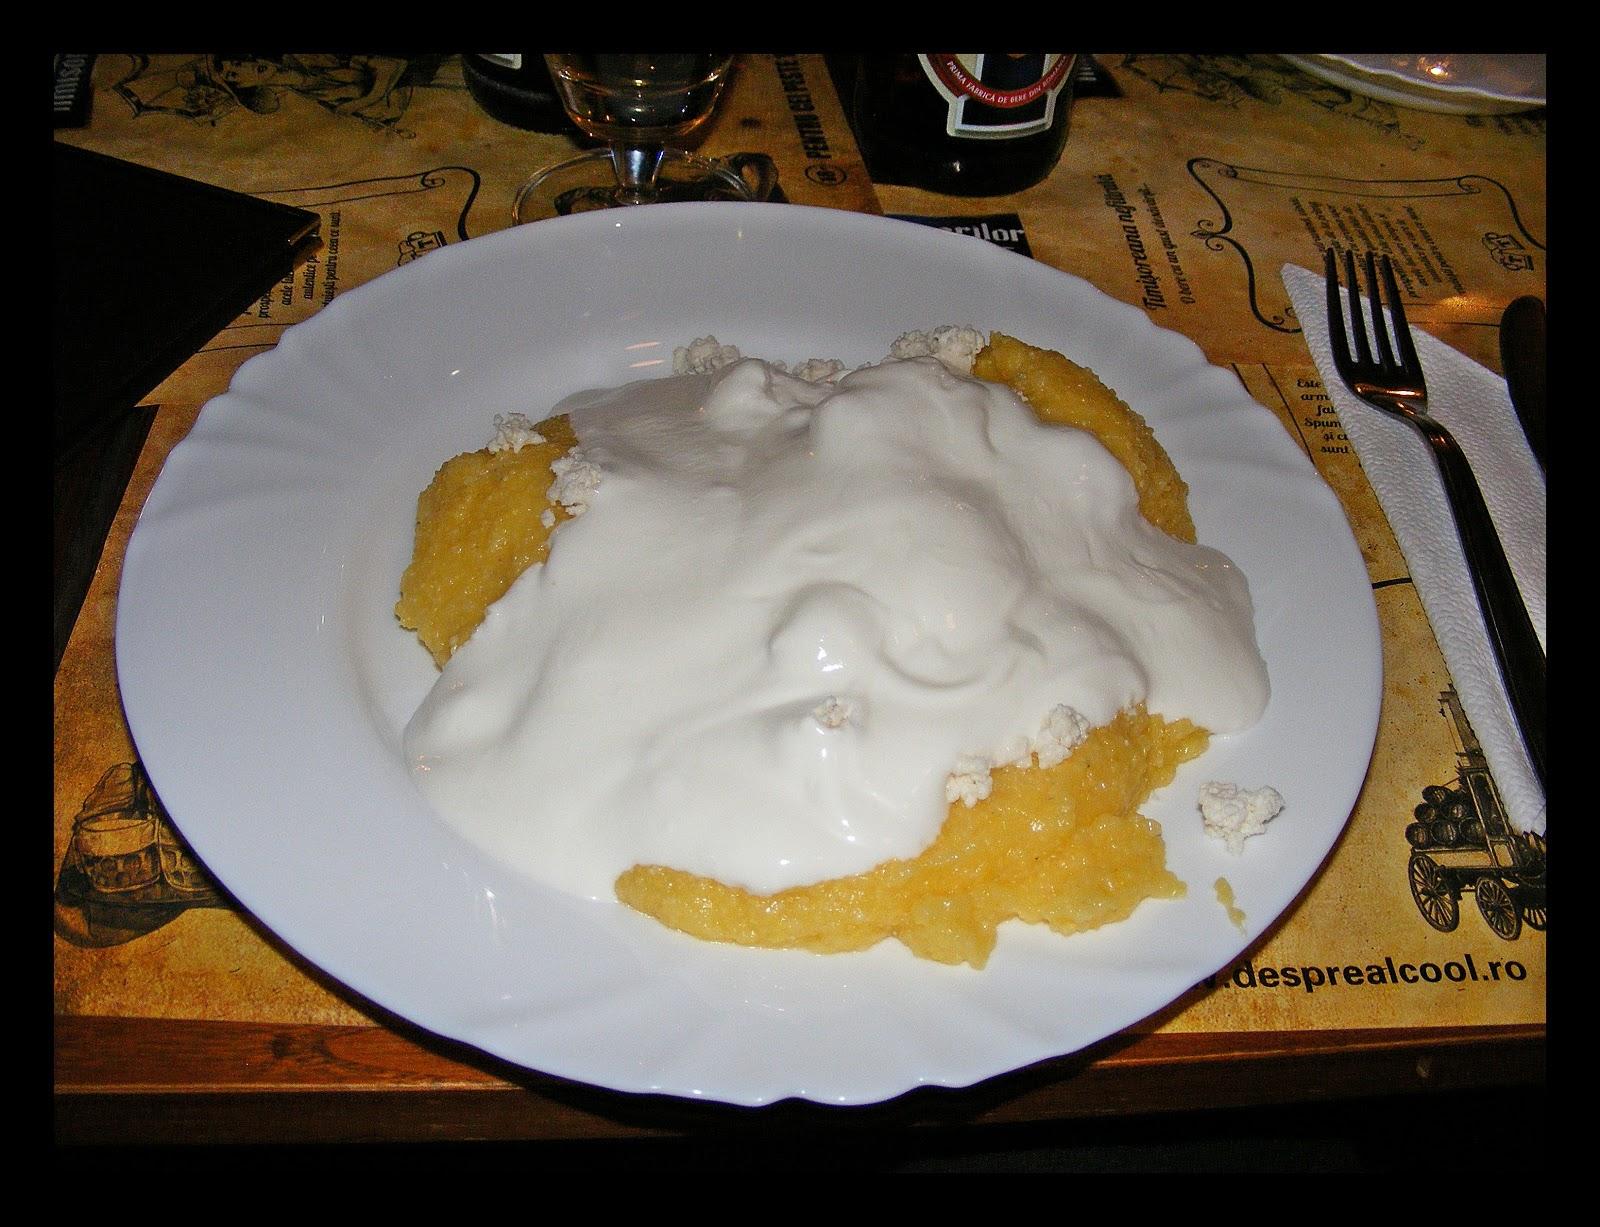 Trojspojrzenie Na Jedzenie Dieta Czlowieka Pracujacego Czyli